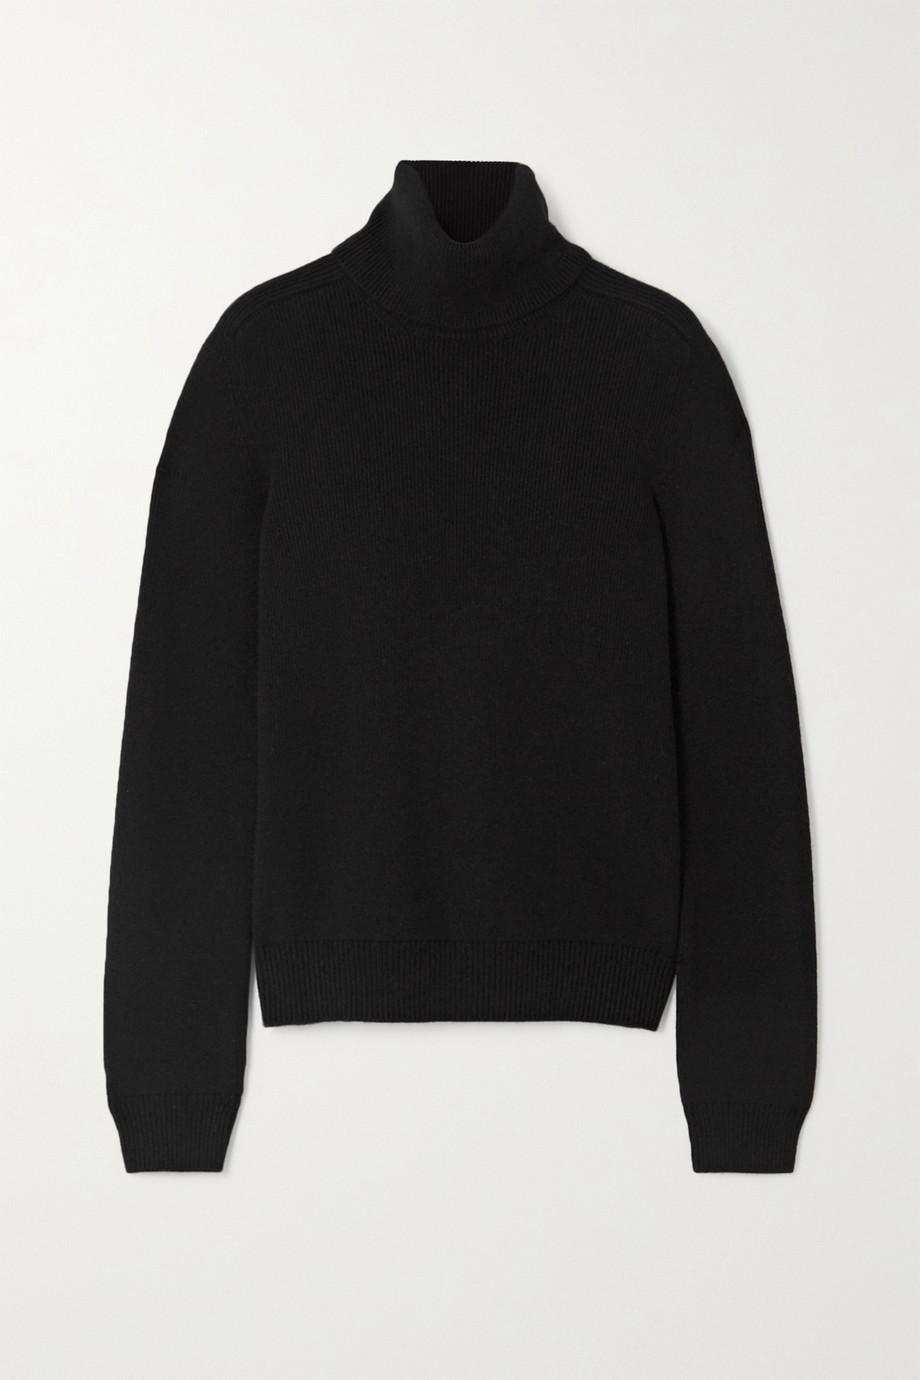 SAINT LAURENT Cashmere turtleneck sweater